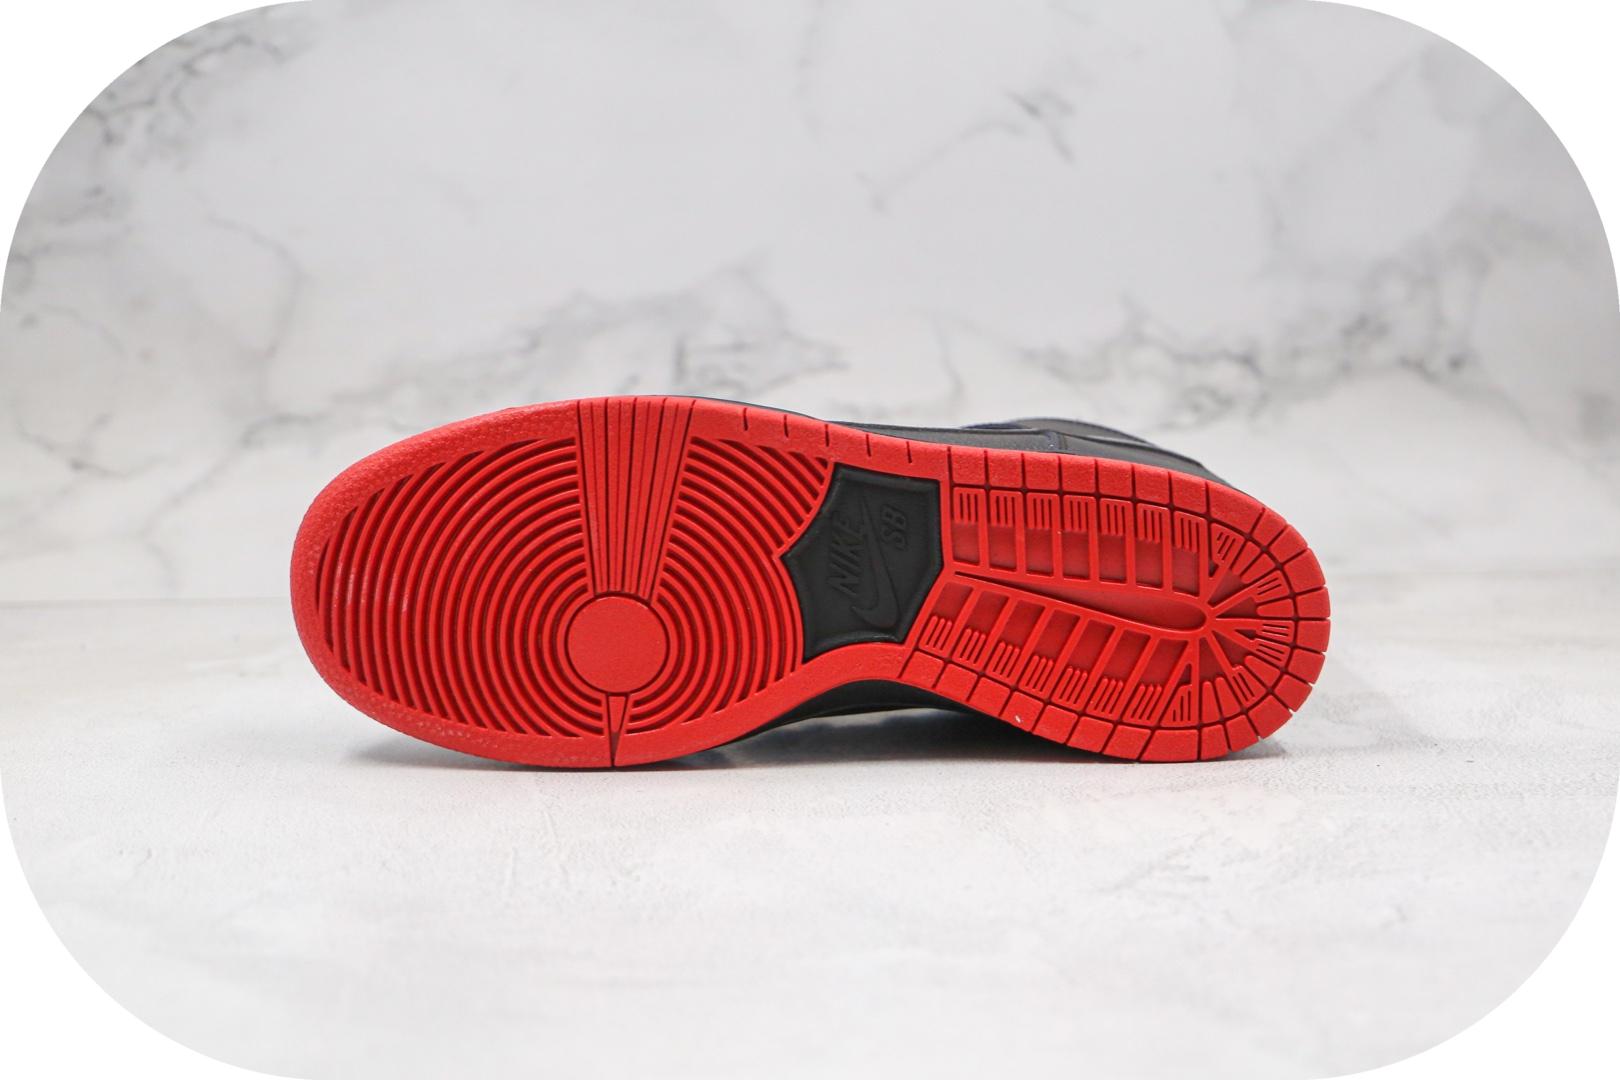 耐克Nike SB Dunk High Premium纯原版本高帮sb dunk西班牙海盗典藏版板鞋内置Zoom气垫原盒原标 货号:313171-028